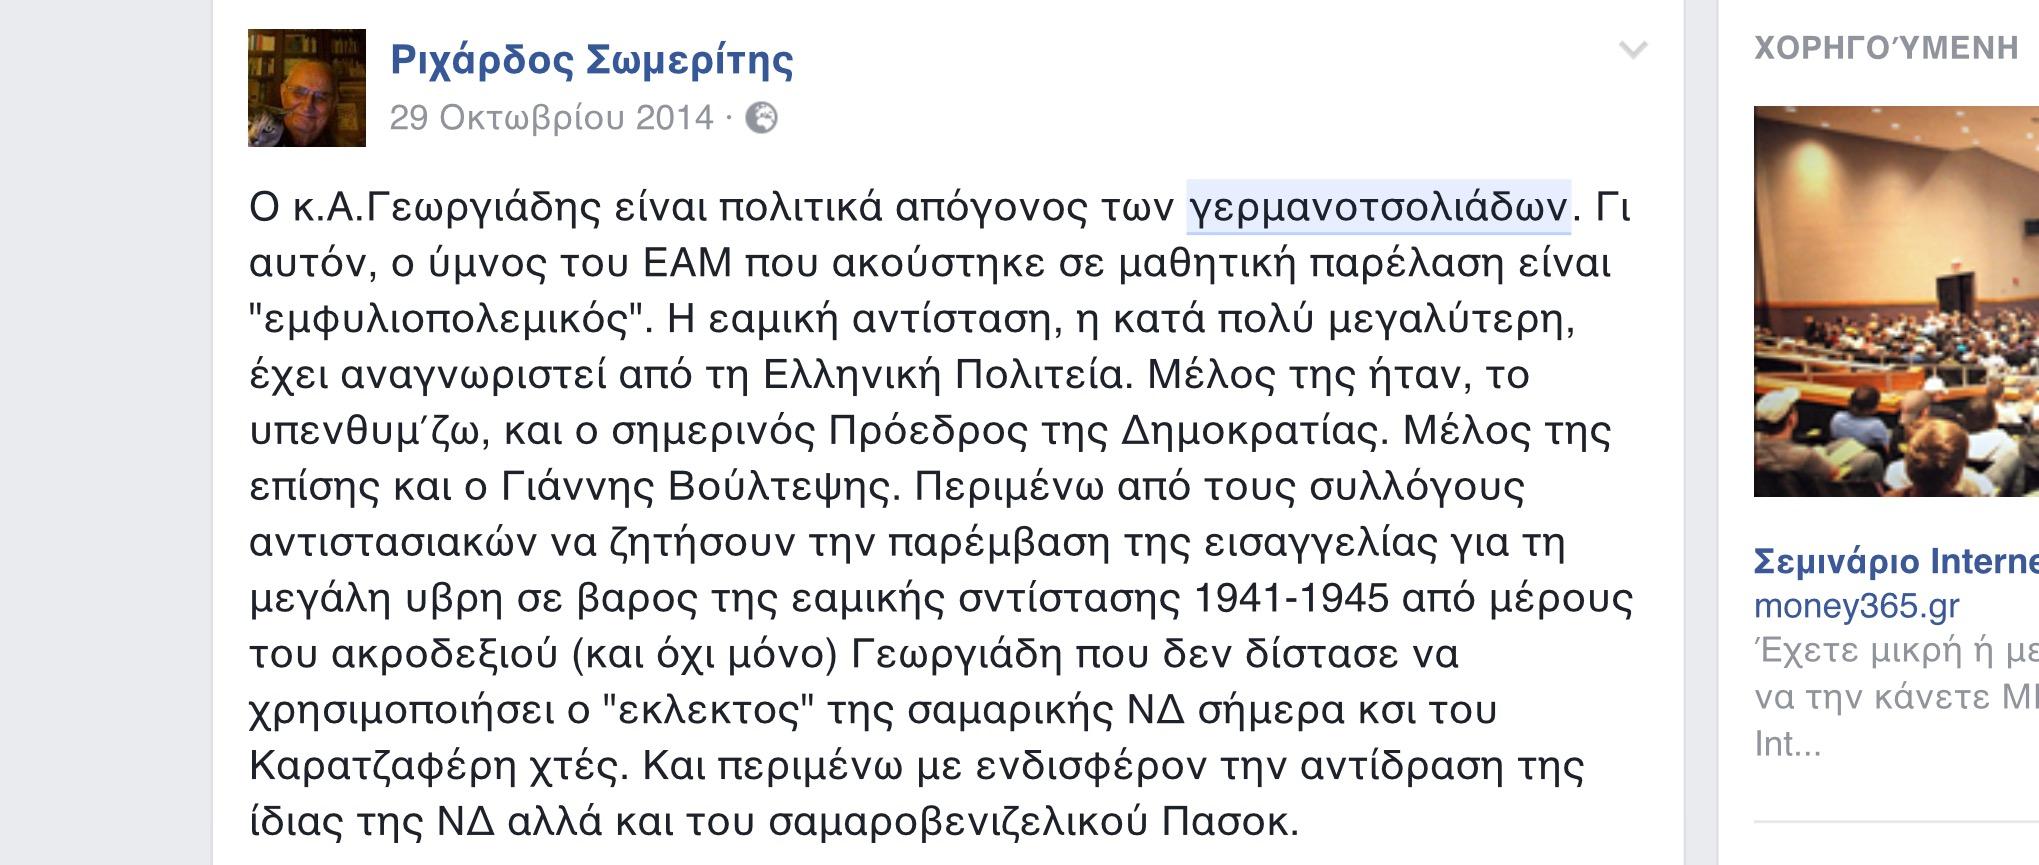 Ο κ.Α.Γεωργιάδης είναι πολιτικά απόγονος των γερμανοτσολιάδων #Koumoundourakos #team_adonis #team_koumoutsakos